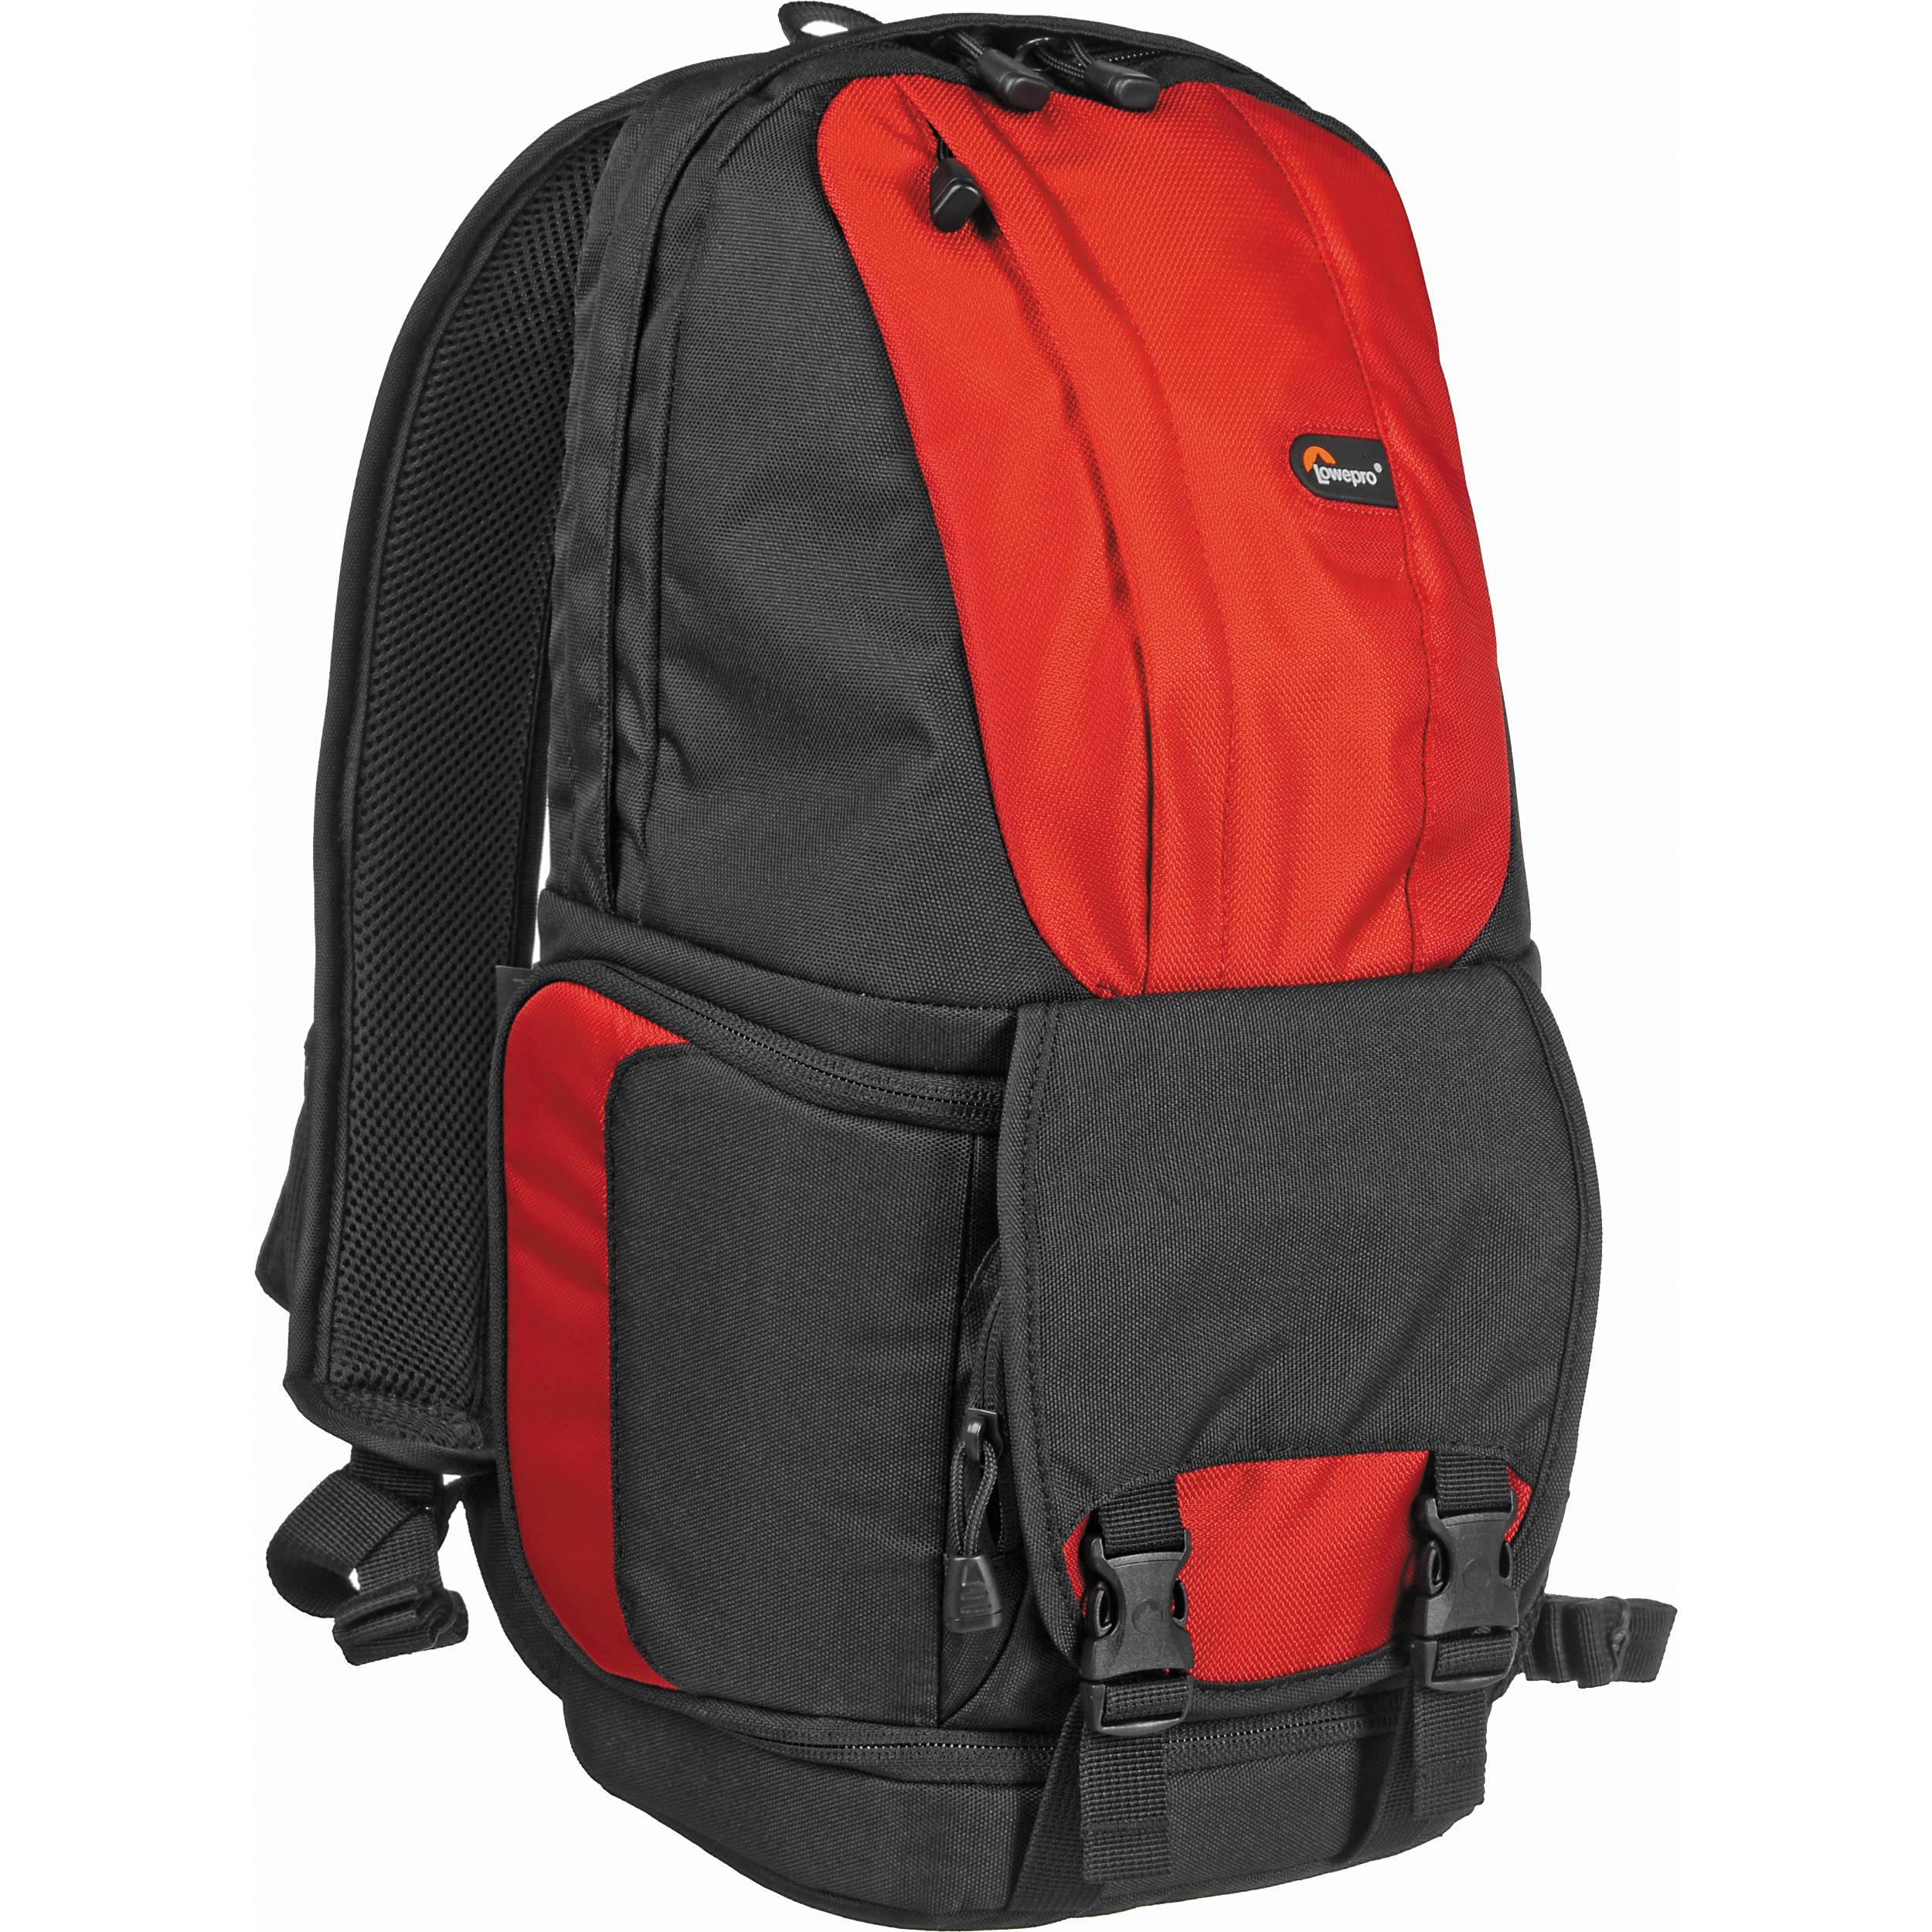 Lowepro Fastpack 100 Backpack (Red/Black)